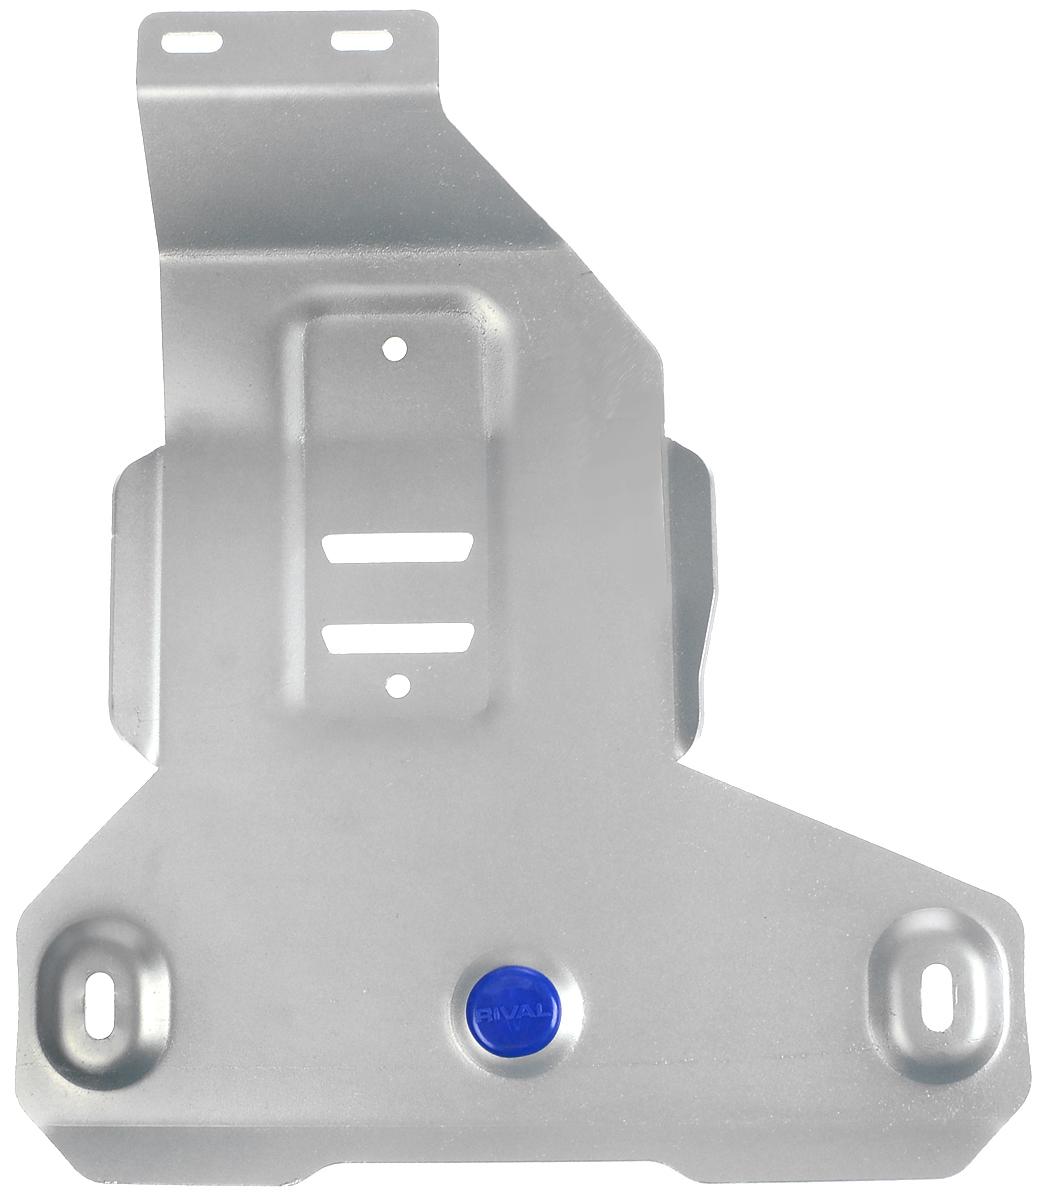 Защита редуктора Rival, для BMW X1333.0527.1Защита редуктора для BMW X1 4WD , 20i; 20d 2015-, крепеж в комплекте, алюминий 4 мм, Rival. Надежно защищают днище вашего автомобиля от повреждений, например при наезде на бордюры, а также выполняют эстетическую функцию при установке на высокие автомобили. - Толщина алюминиевых защит в 2 раза толще стальных, а вес при этом меньше до 30%. - Отлично отводит тепло от двигателя своей поверхностью, что спасает двигатель от перегрева в летний период или при высоких нагрузках. - В отличие от стальных, алюминиевые защиты не поддаются коррозии, что гарантирует срок службы защит более 5 лет. - Покрываются порошковой краской, что надолго сохраняет первоначальный вид новой защиты и защищает от гальванической коррозии. - Глубокий штамп дополнительно усиливает конструкцию защиты. - Подштамповка в местах крепления защищает крепеж от срезания. - Технологические отверстия там, где они необходимы для смены масла и слива воды,...